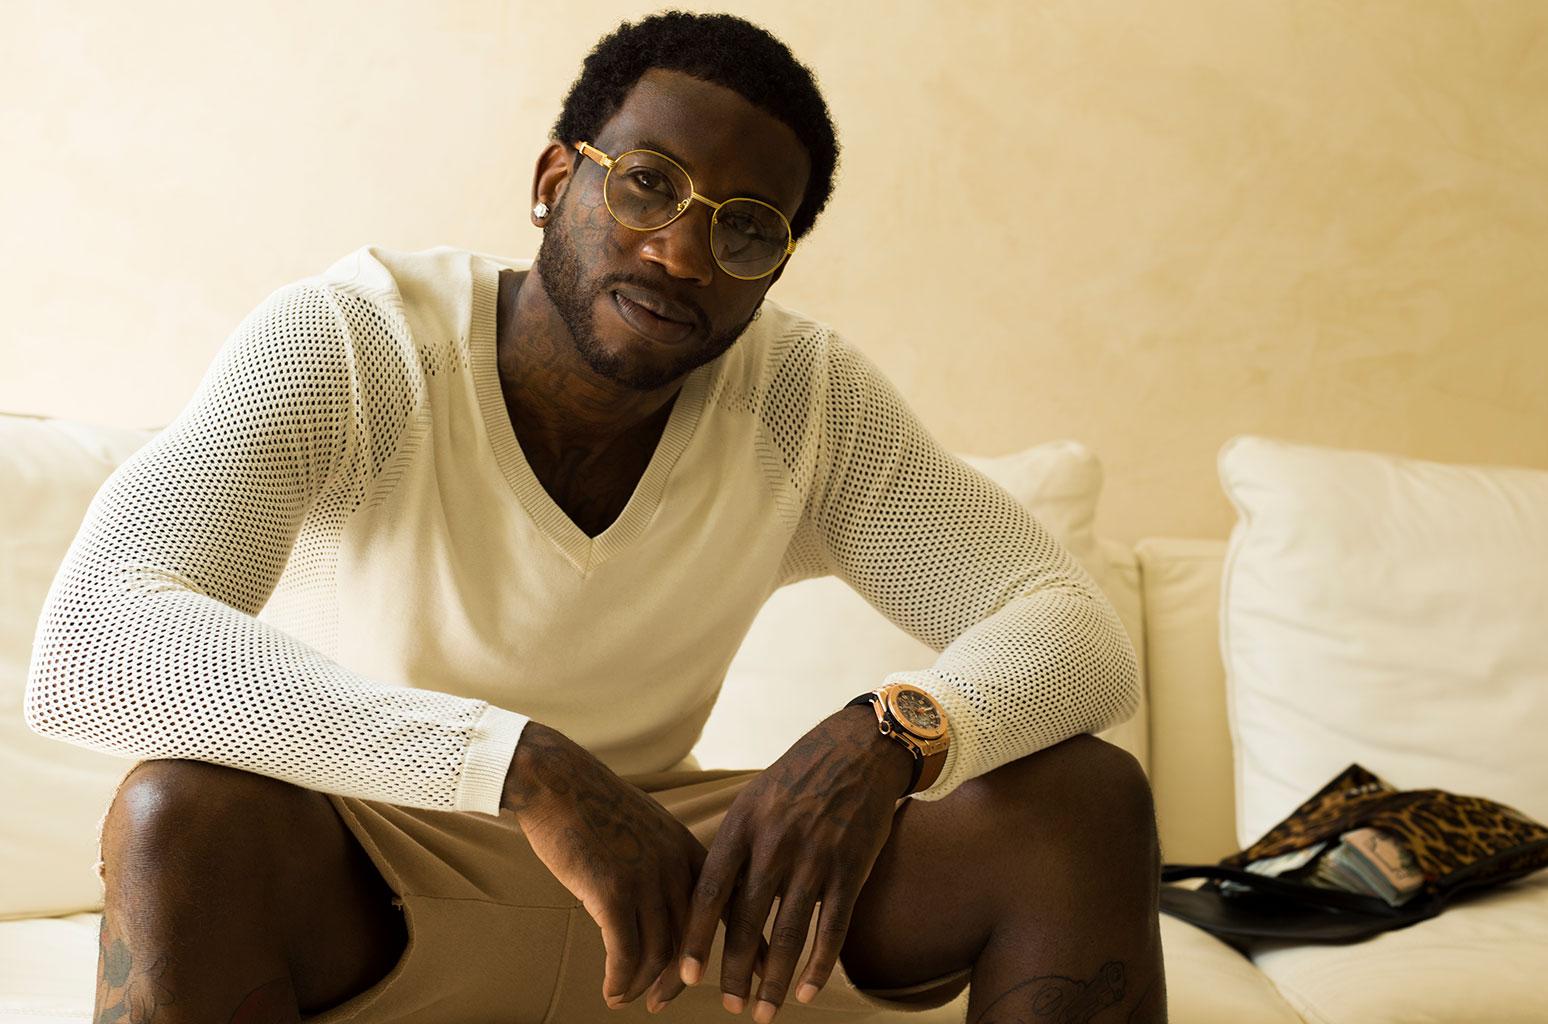 Gucci Mane(グッチ・メイン)のプロフィール・バイオグラフィーまとめ